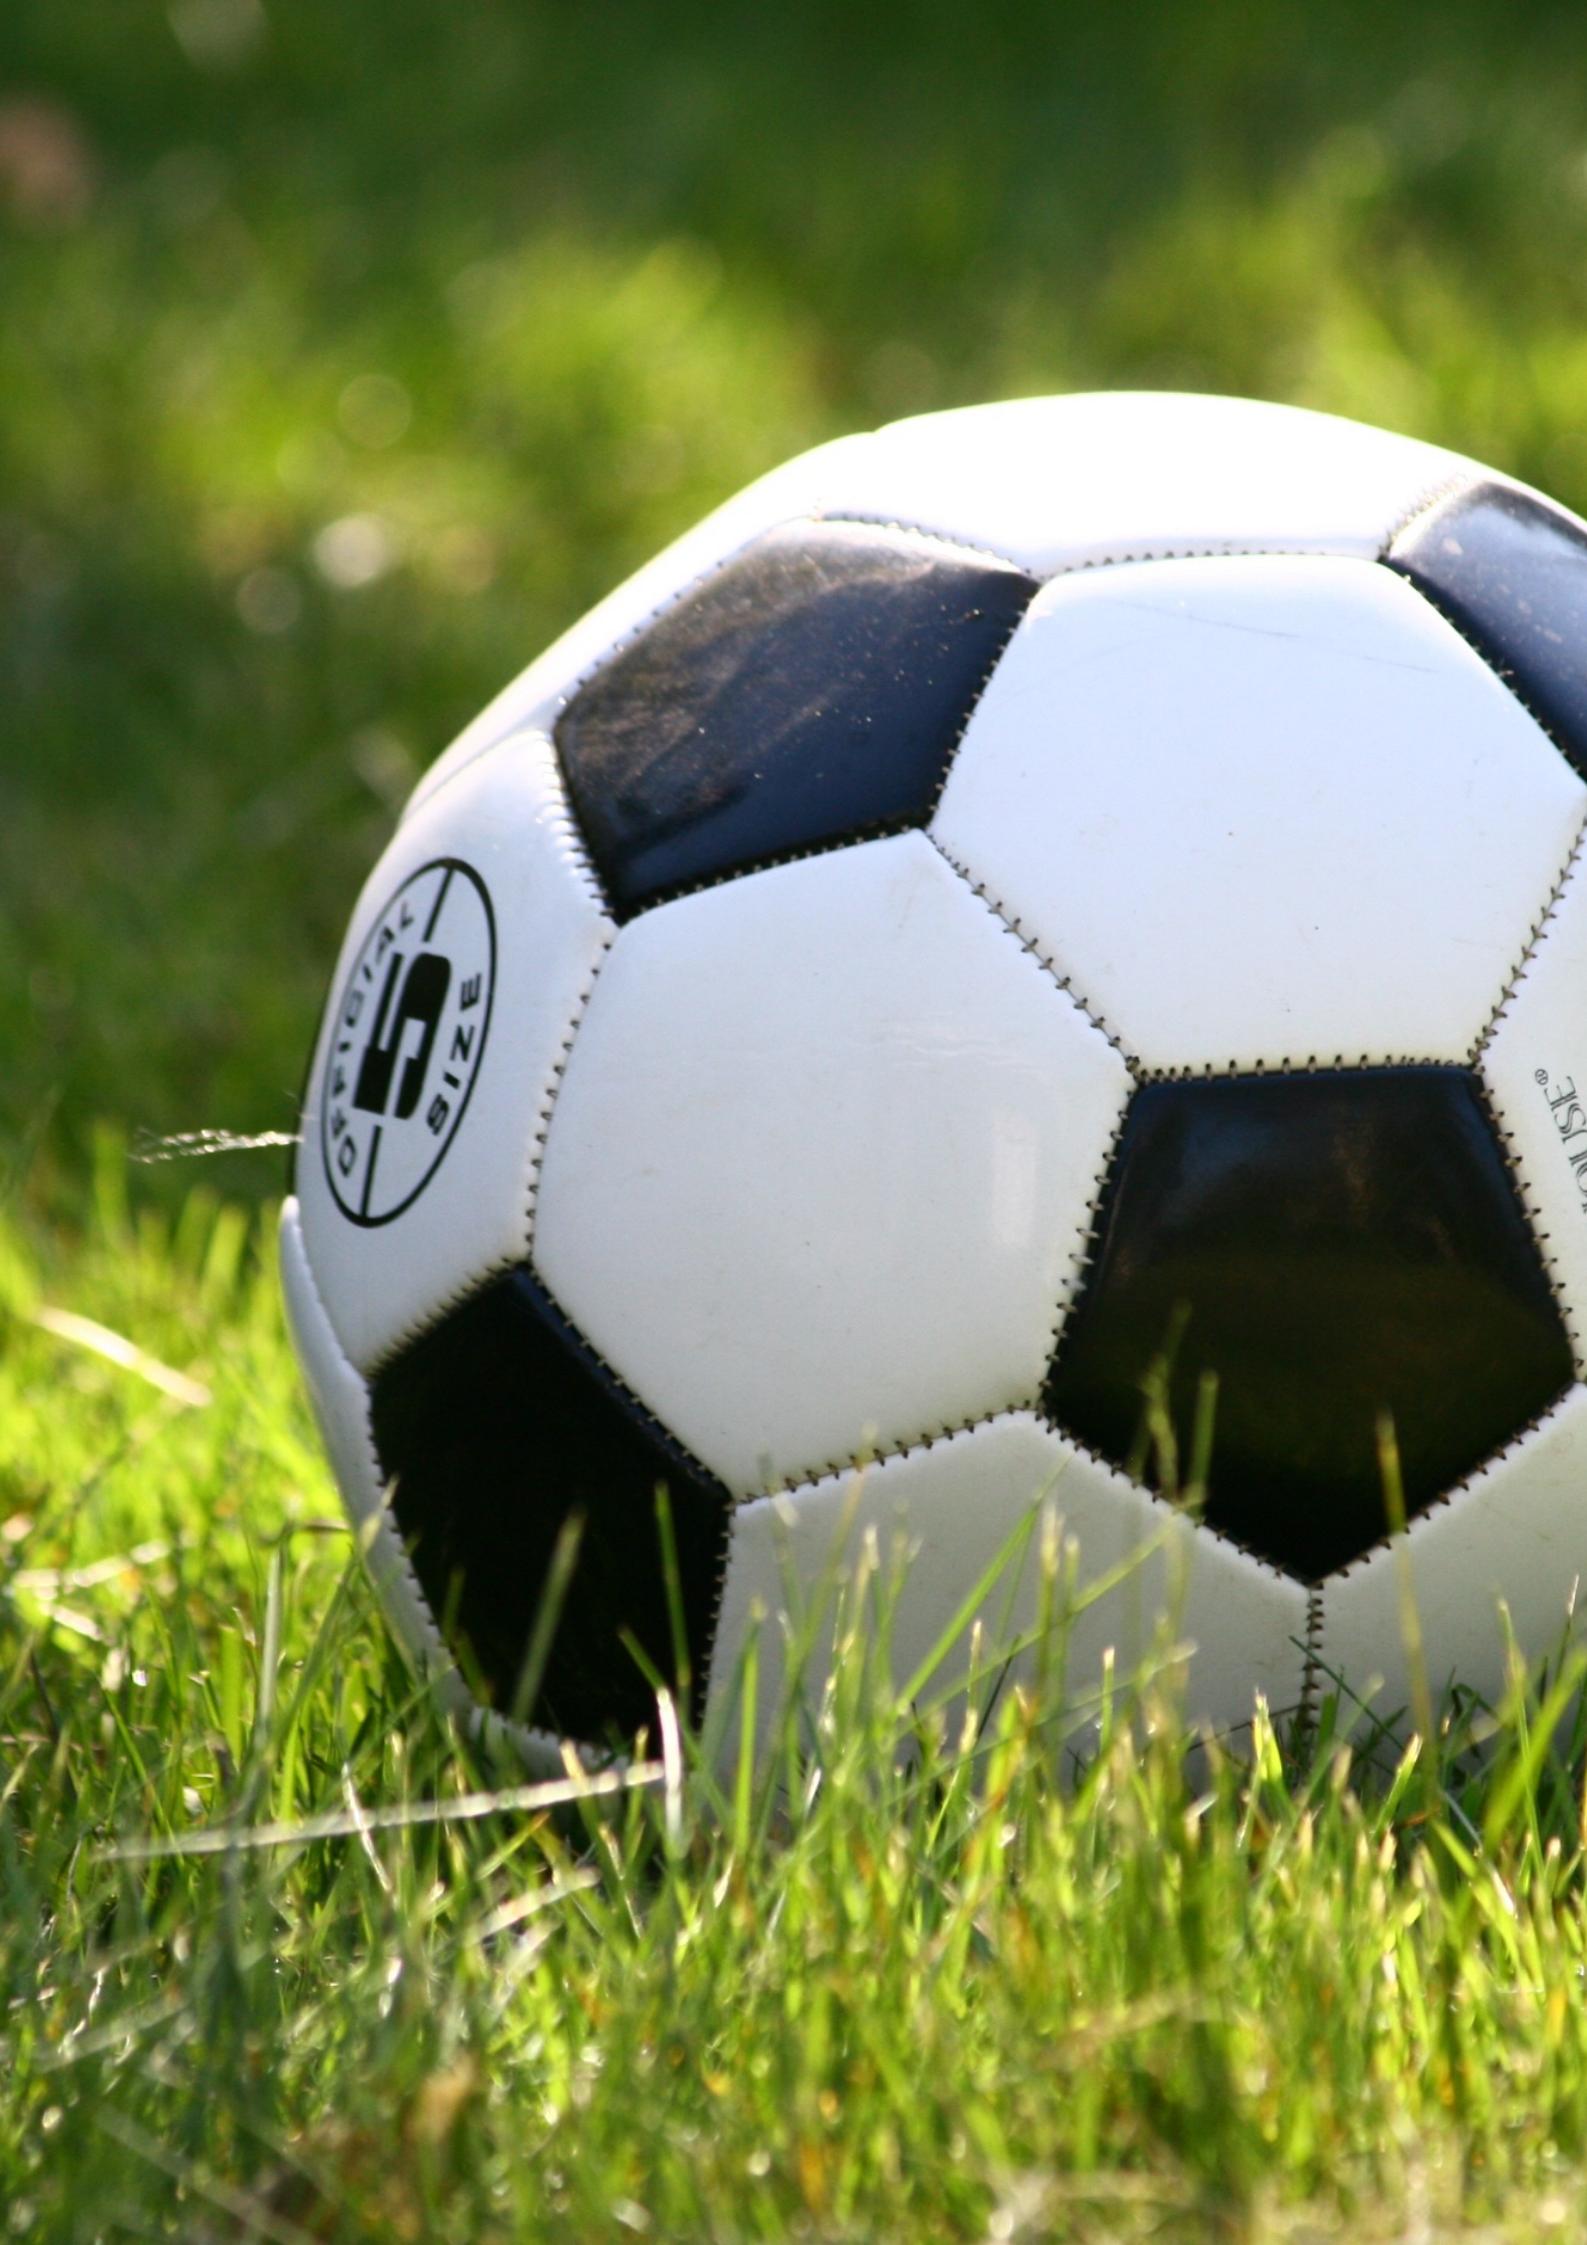 Football : Le Cap-Vert et la Guinée s'affrontent ce soir au Portugal